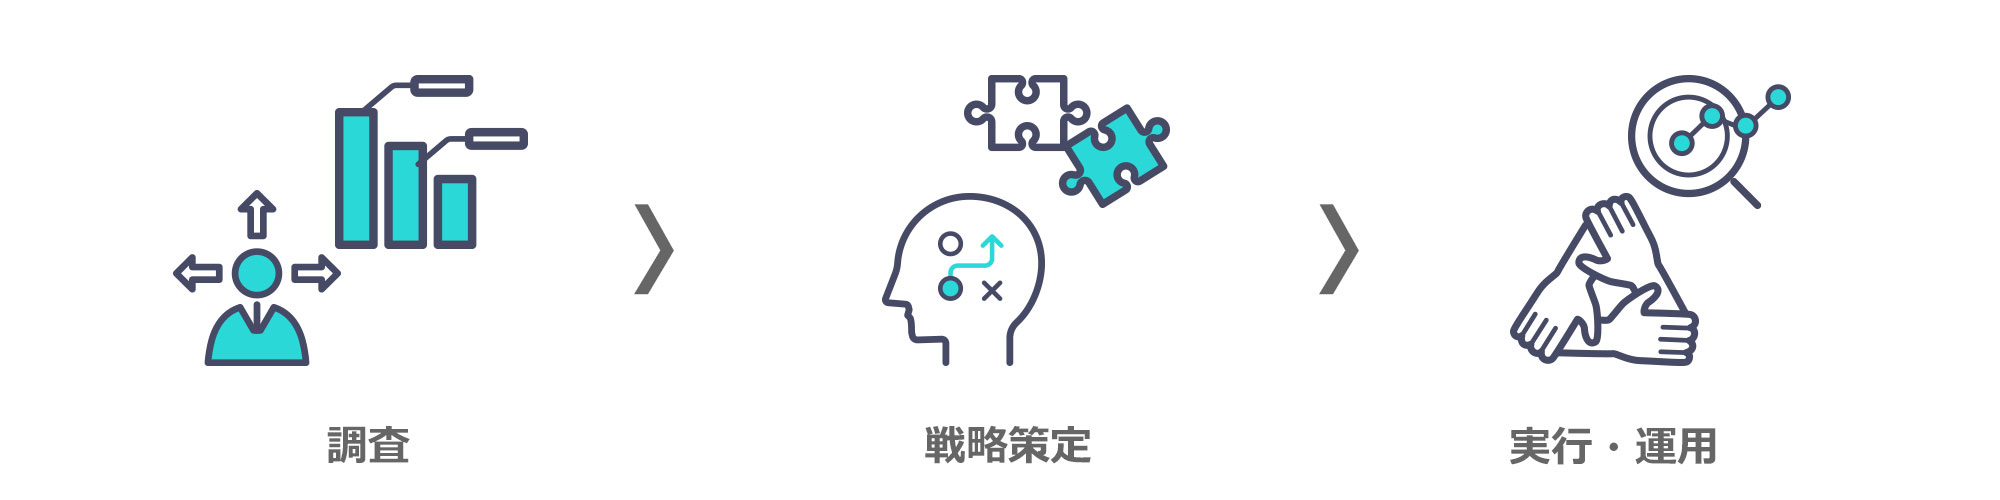 service_cxm_Flow